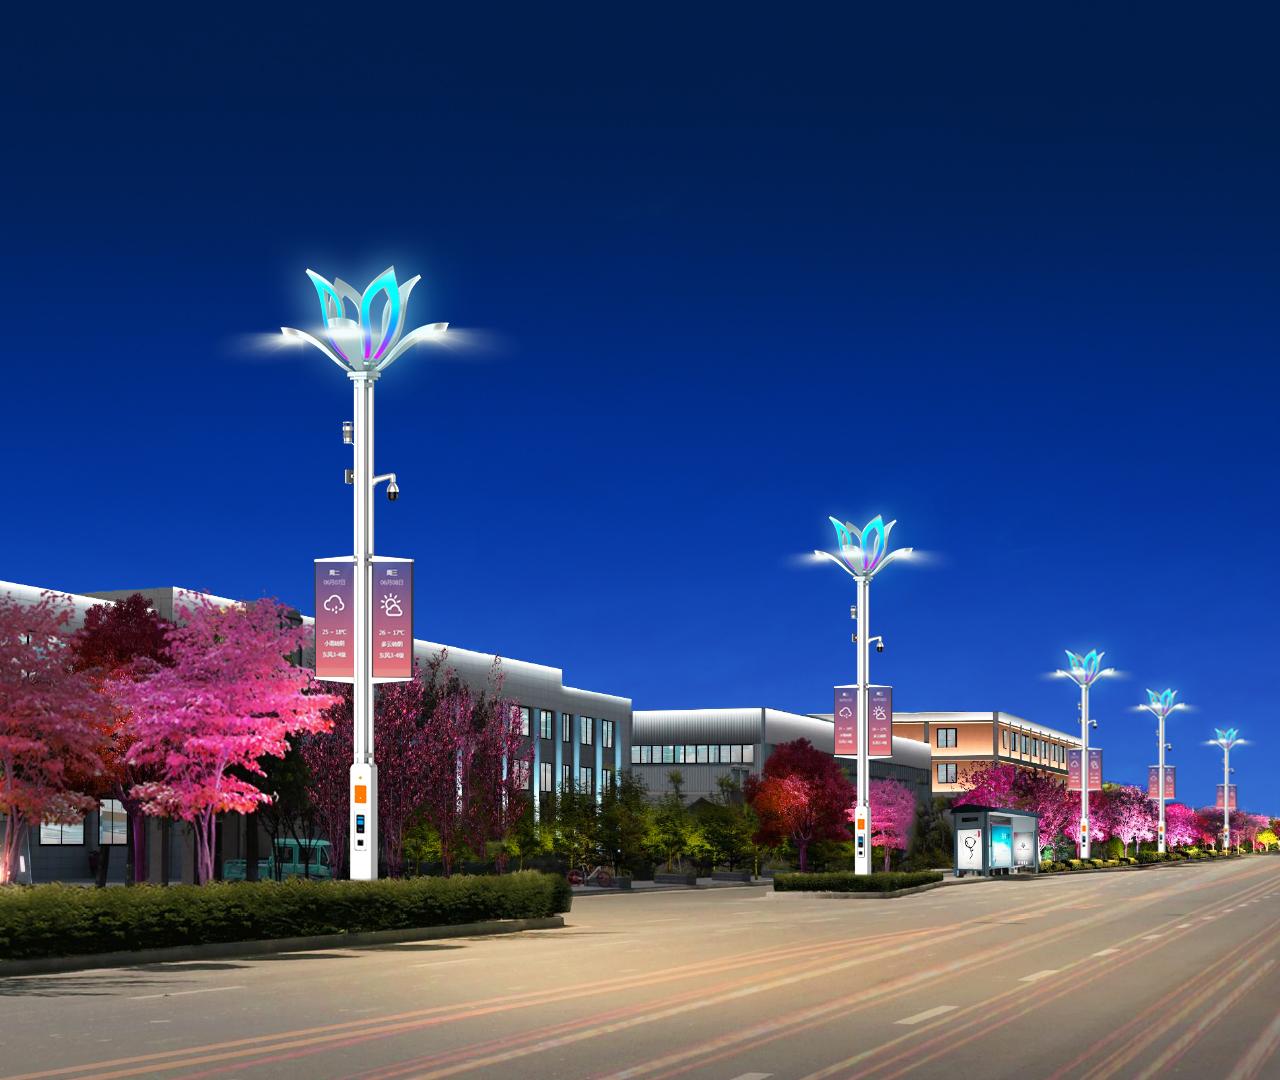 莲花型BoB全球体育投注平台道路路灯